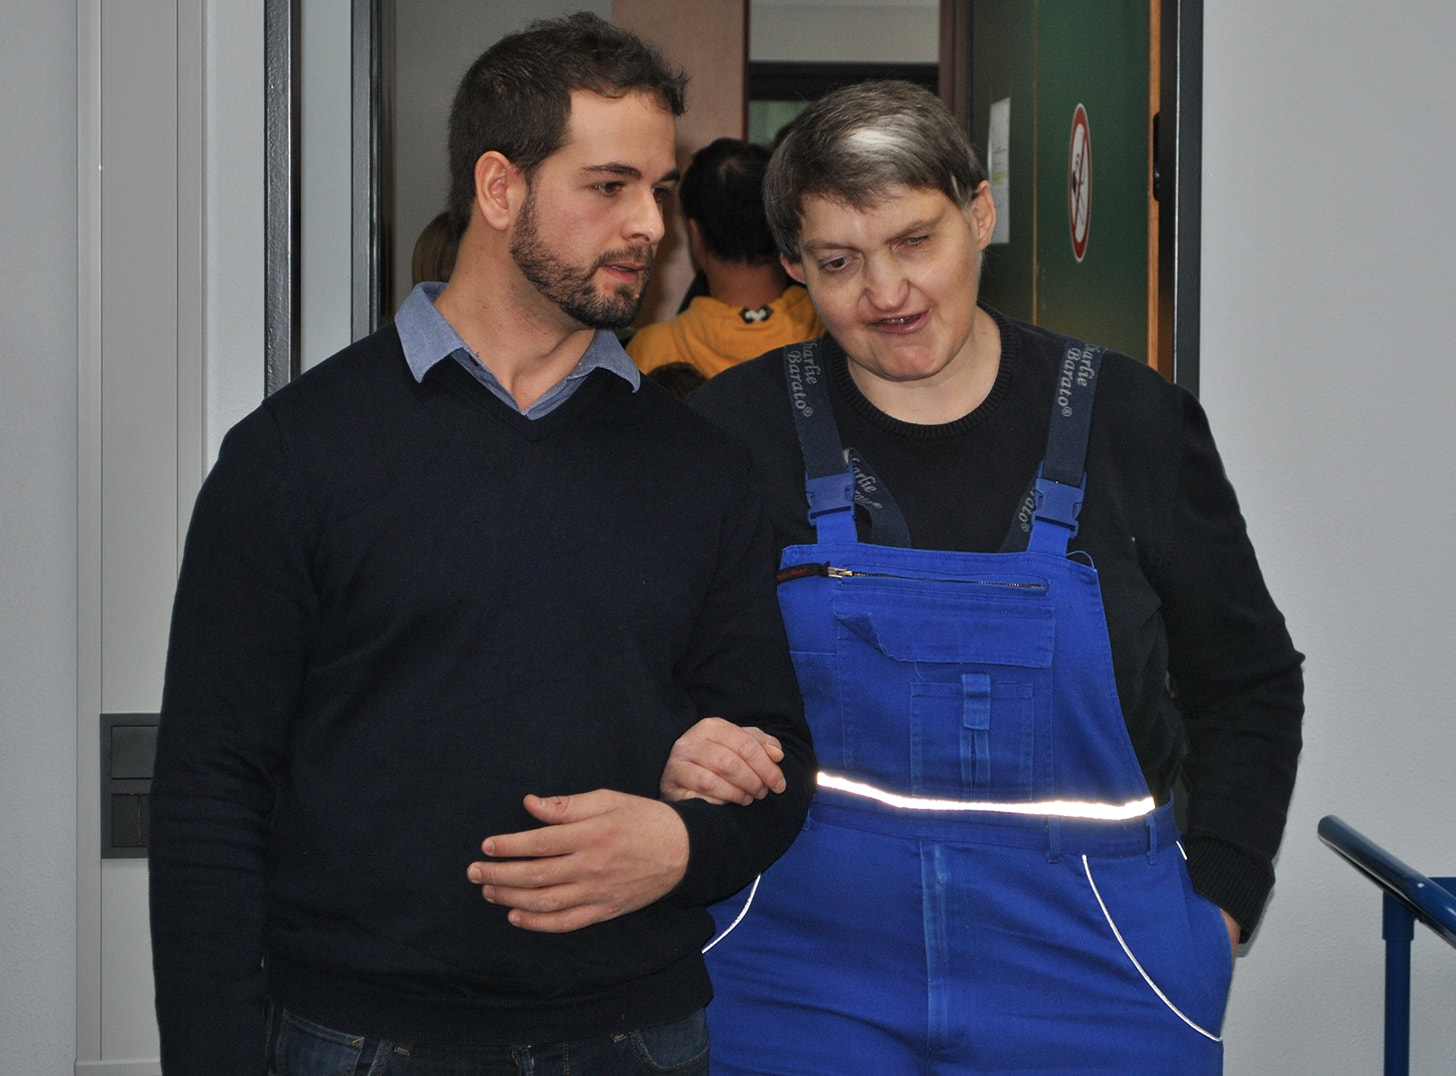 Mann begleitet Beschäftigten an seinen Arbeitsplatz